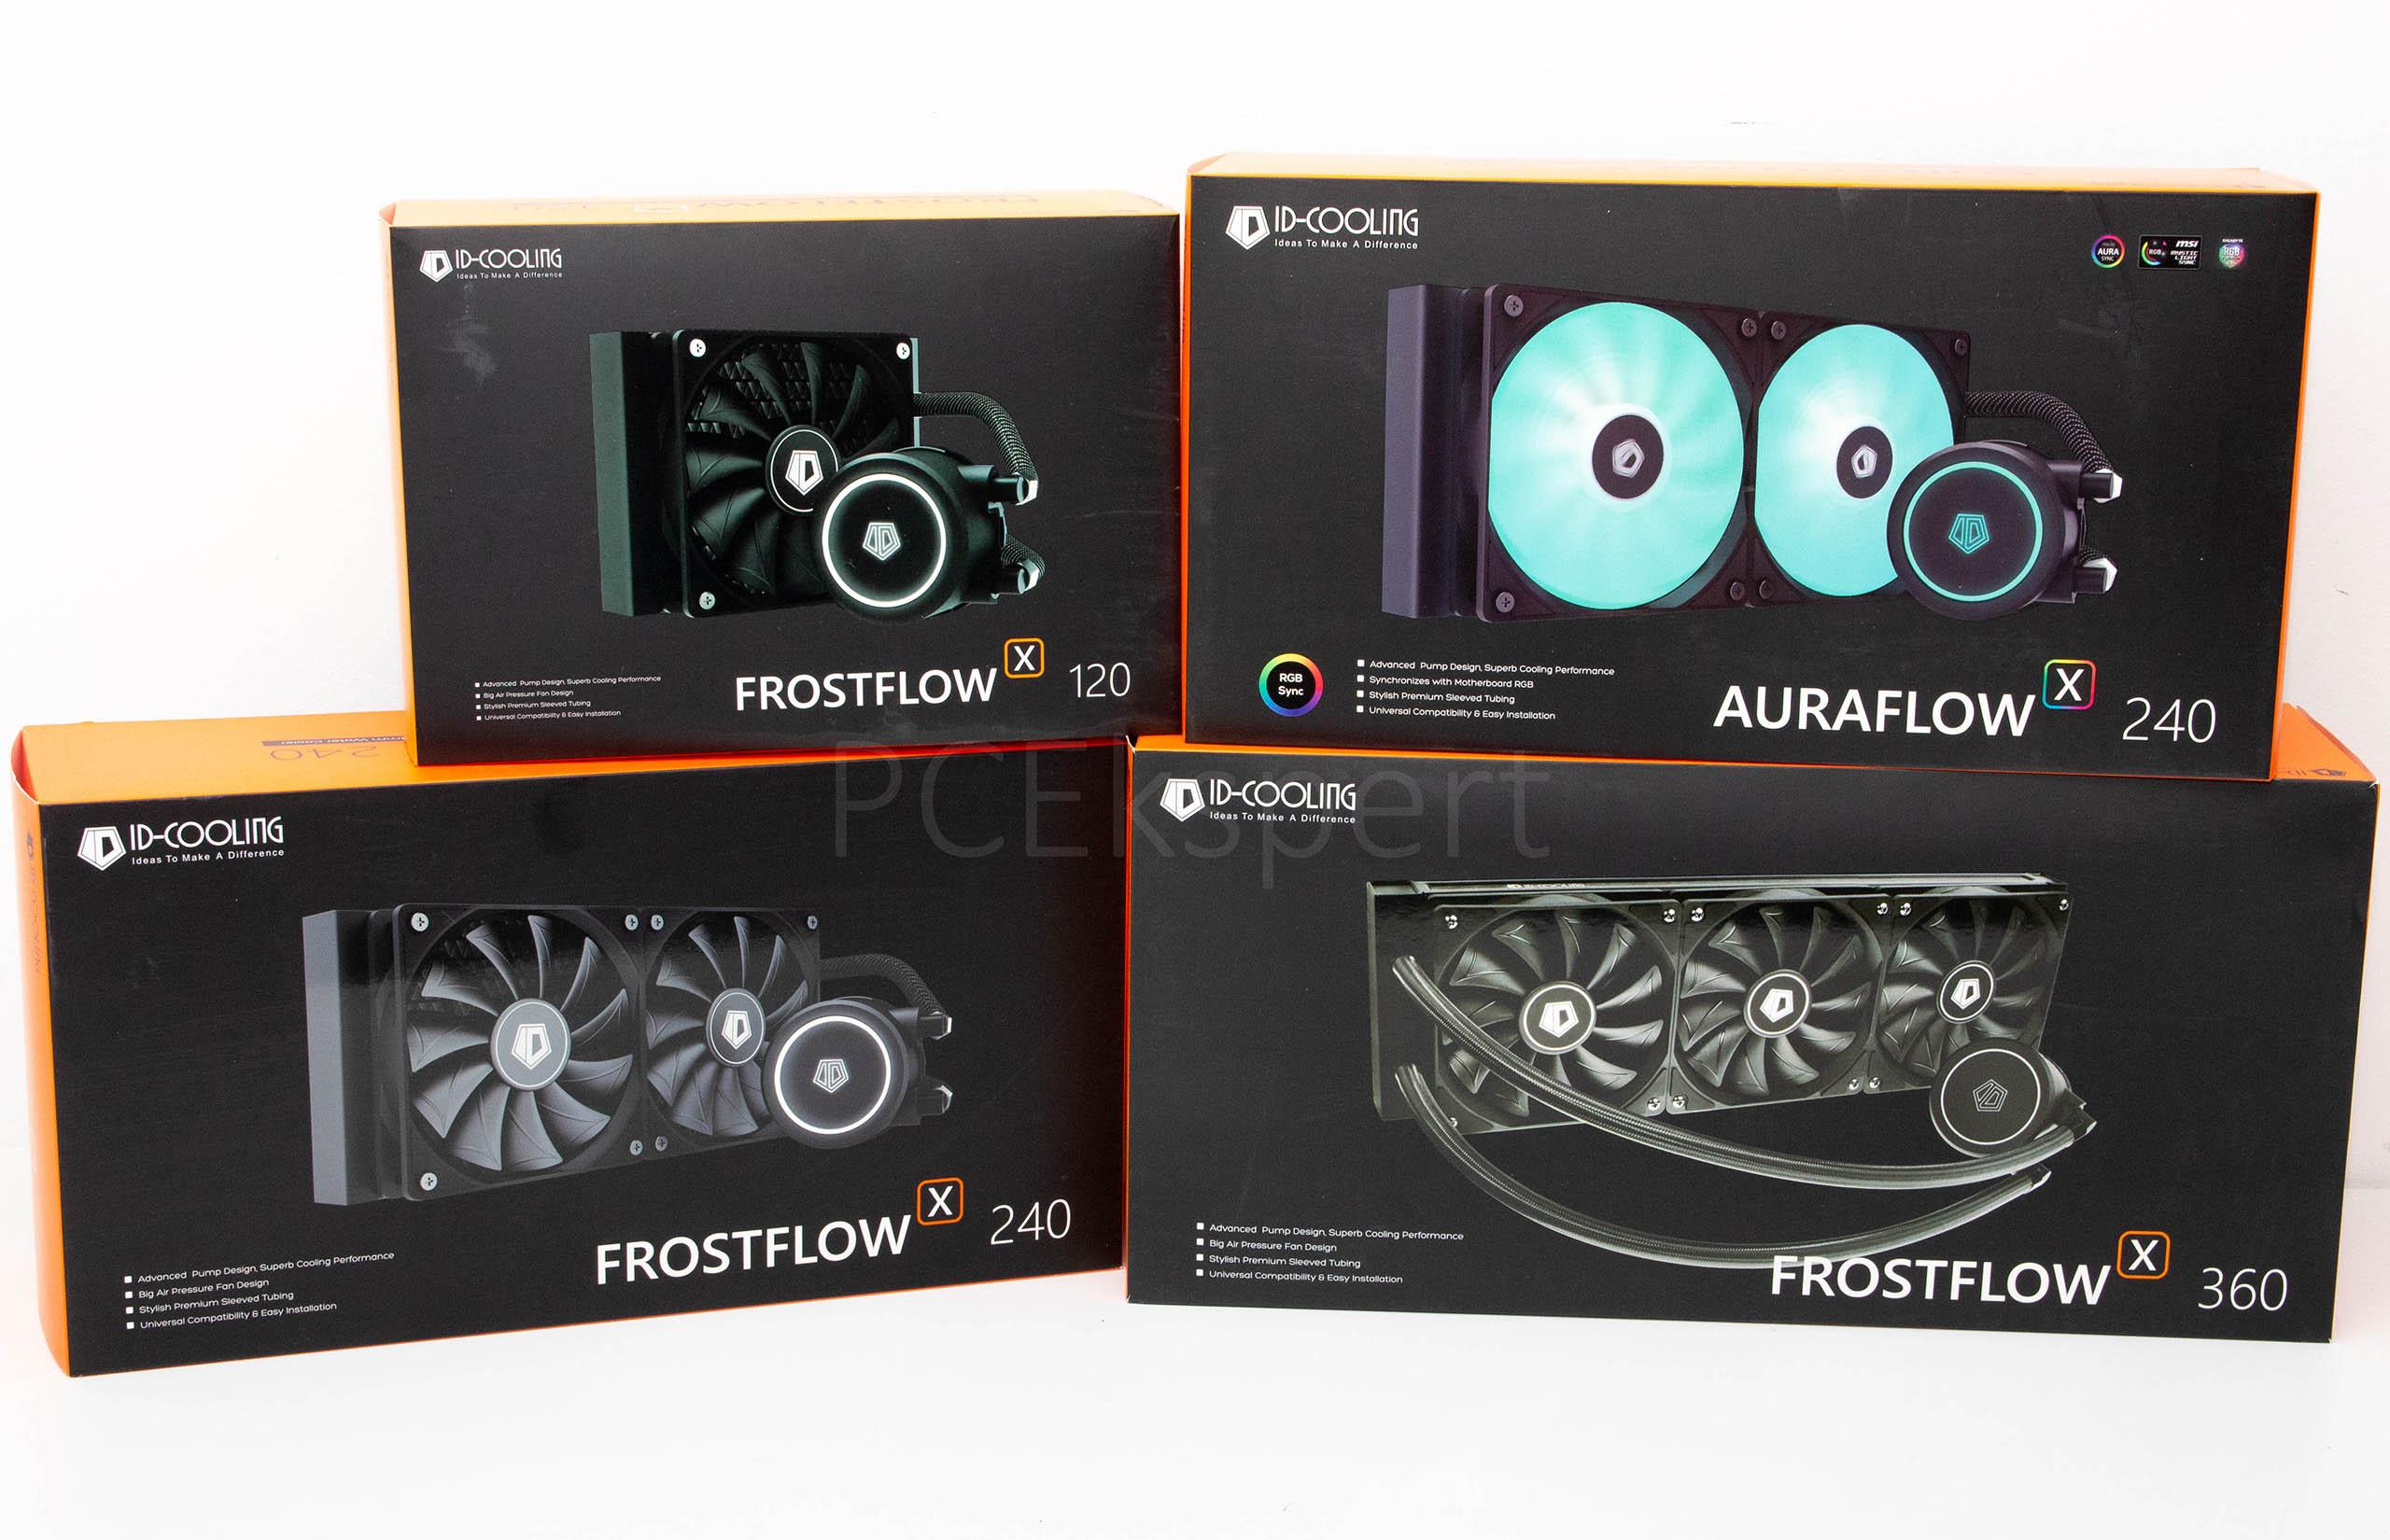 Brzi test - ID-Cooling Frostflow X 120, 240, 360 & Auraflow X 240